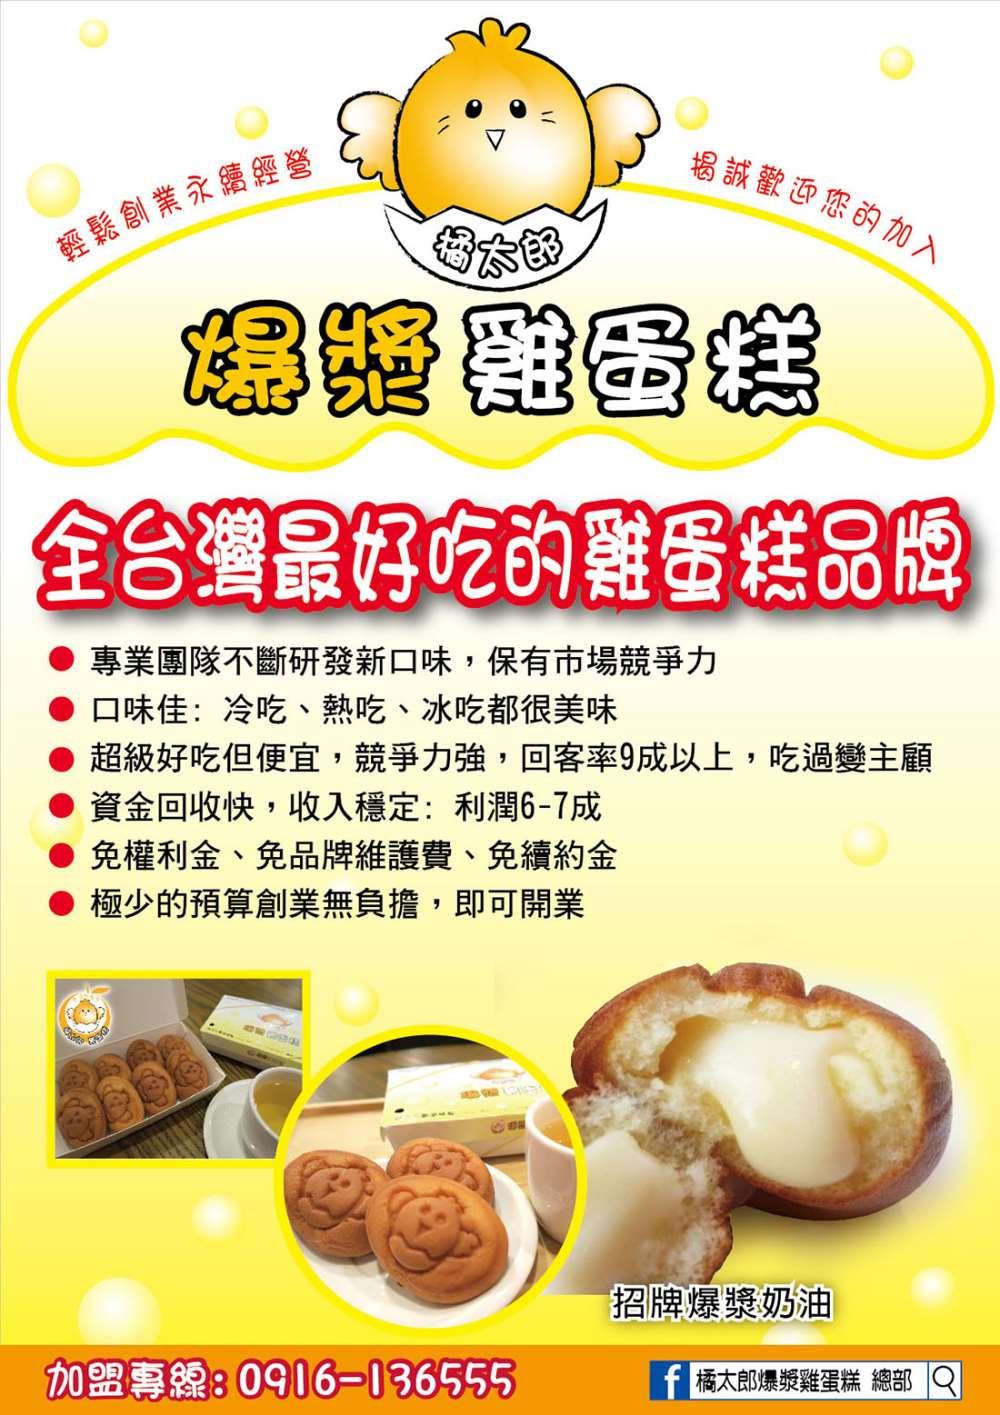 全台灣最好吃的雞蛋糕品牌